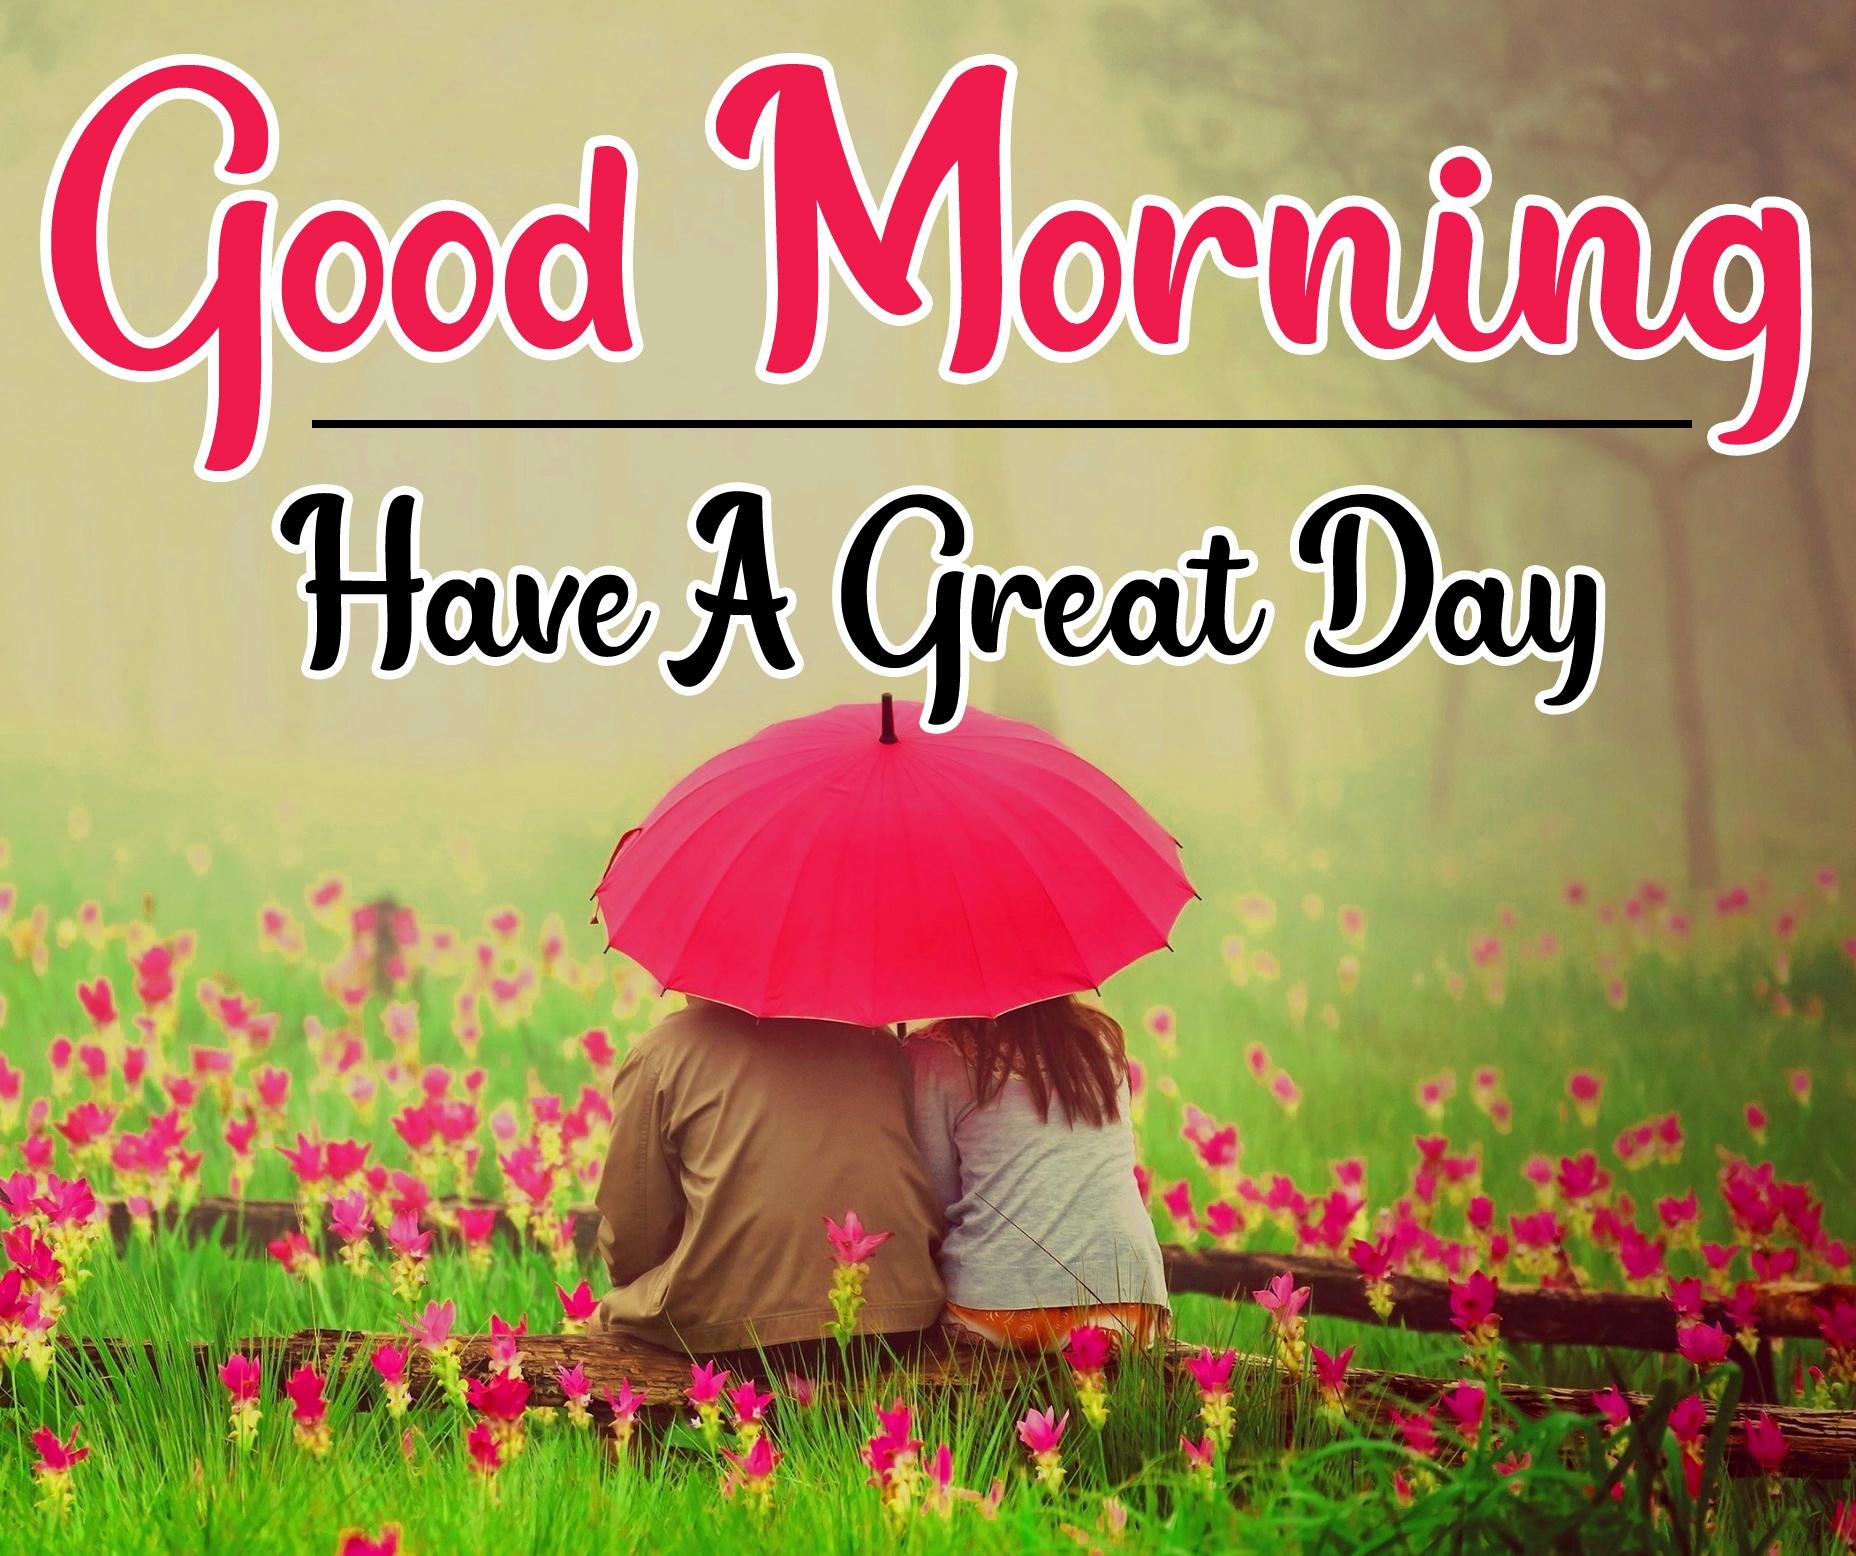 Special Good Morning Wallpaper 64